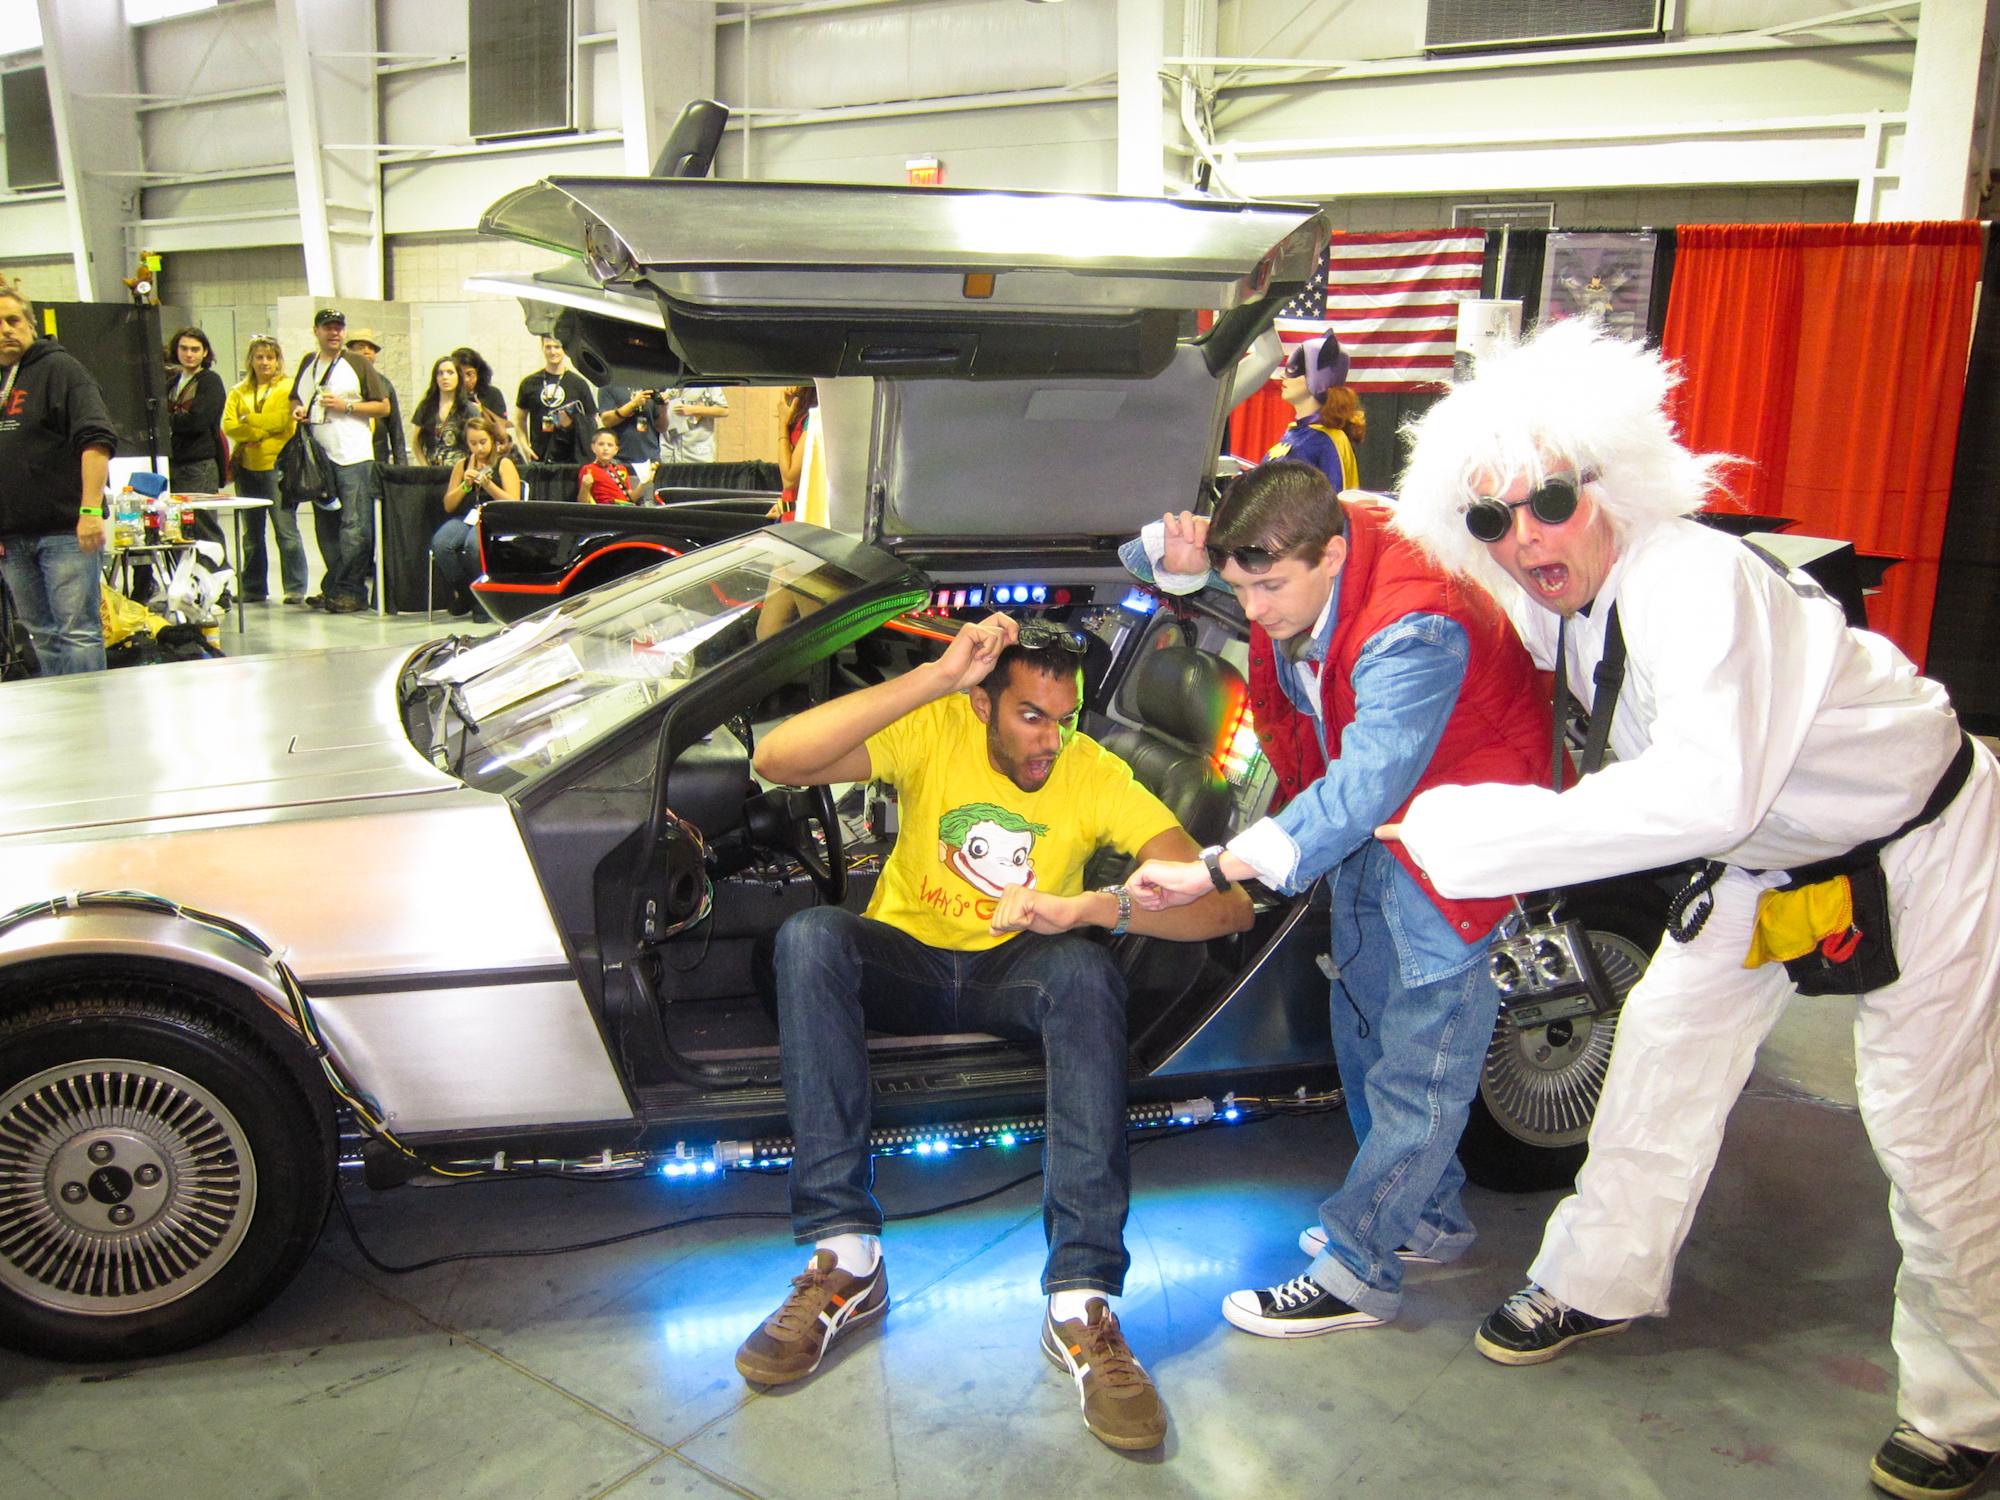 A replica of the Back to the Future Delorean, New York Comic Con 2011